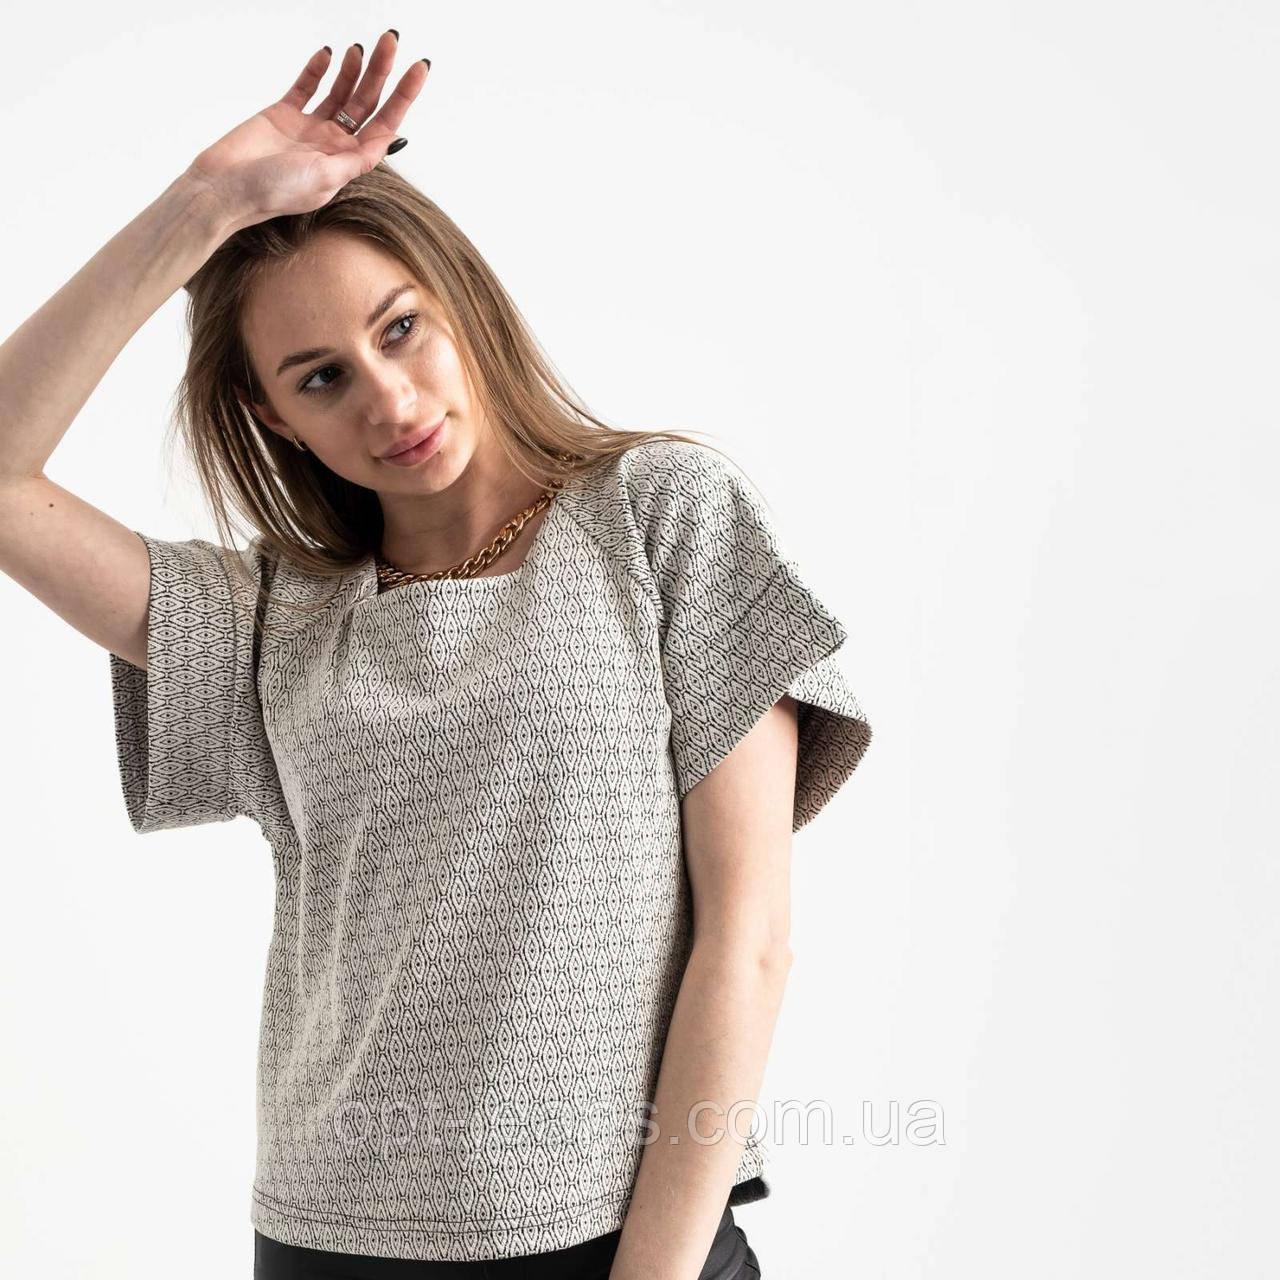 60143 City блузка жіноча чорно-біла трикотажна з візерунком (40-46, 6 од.)